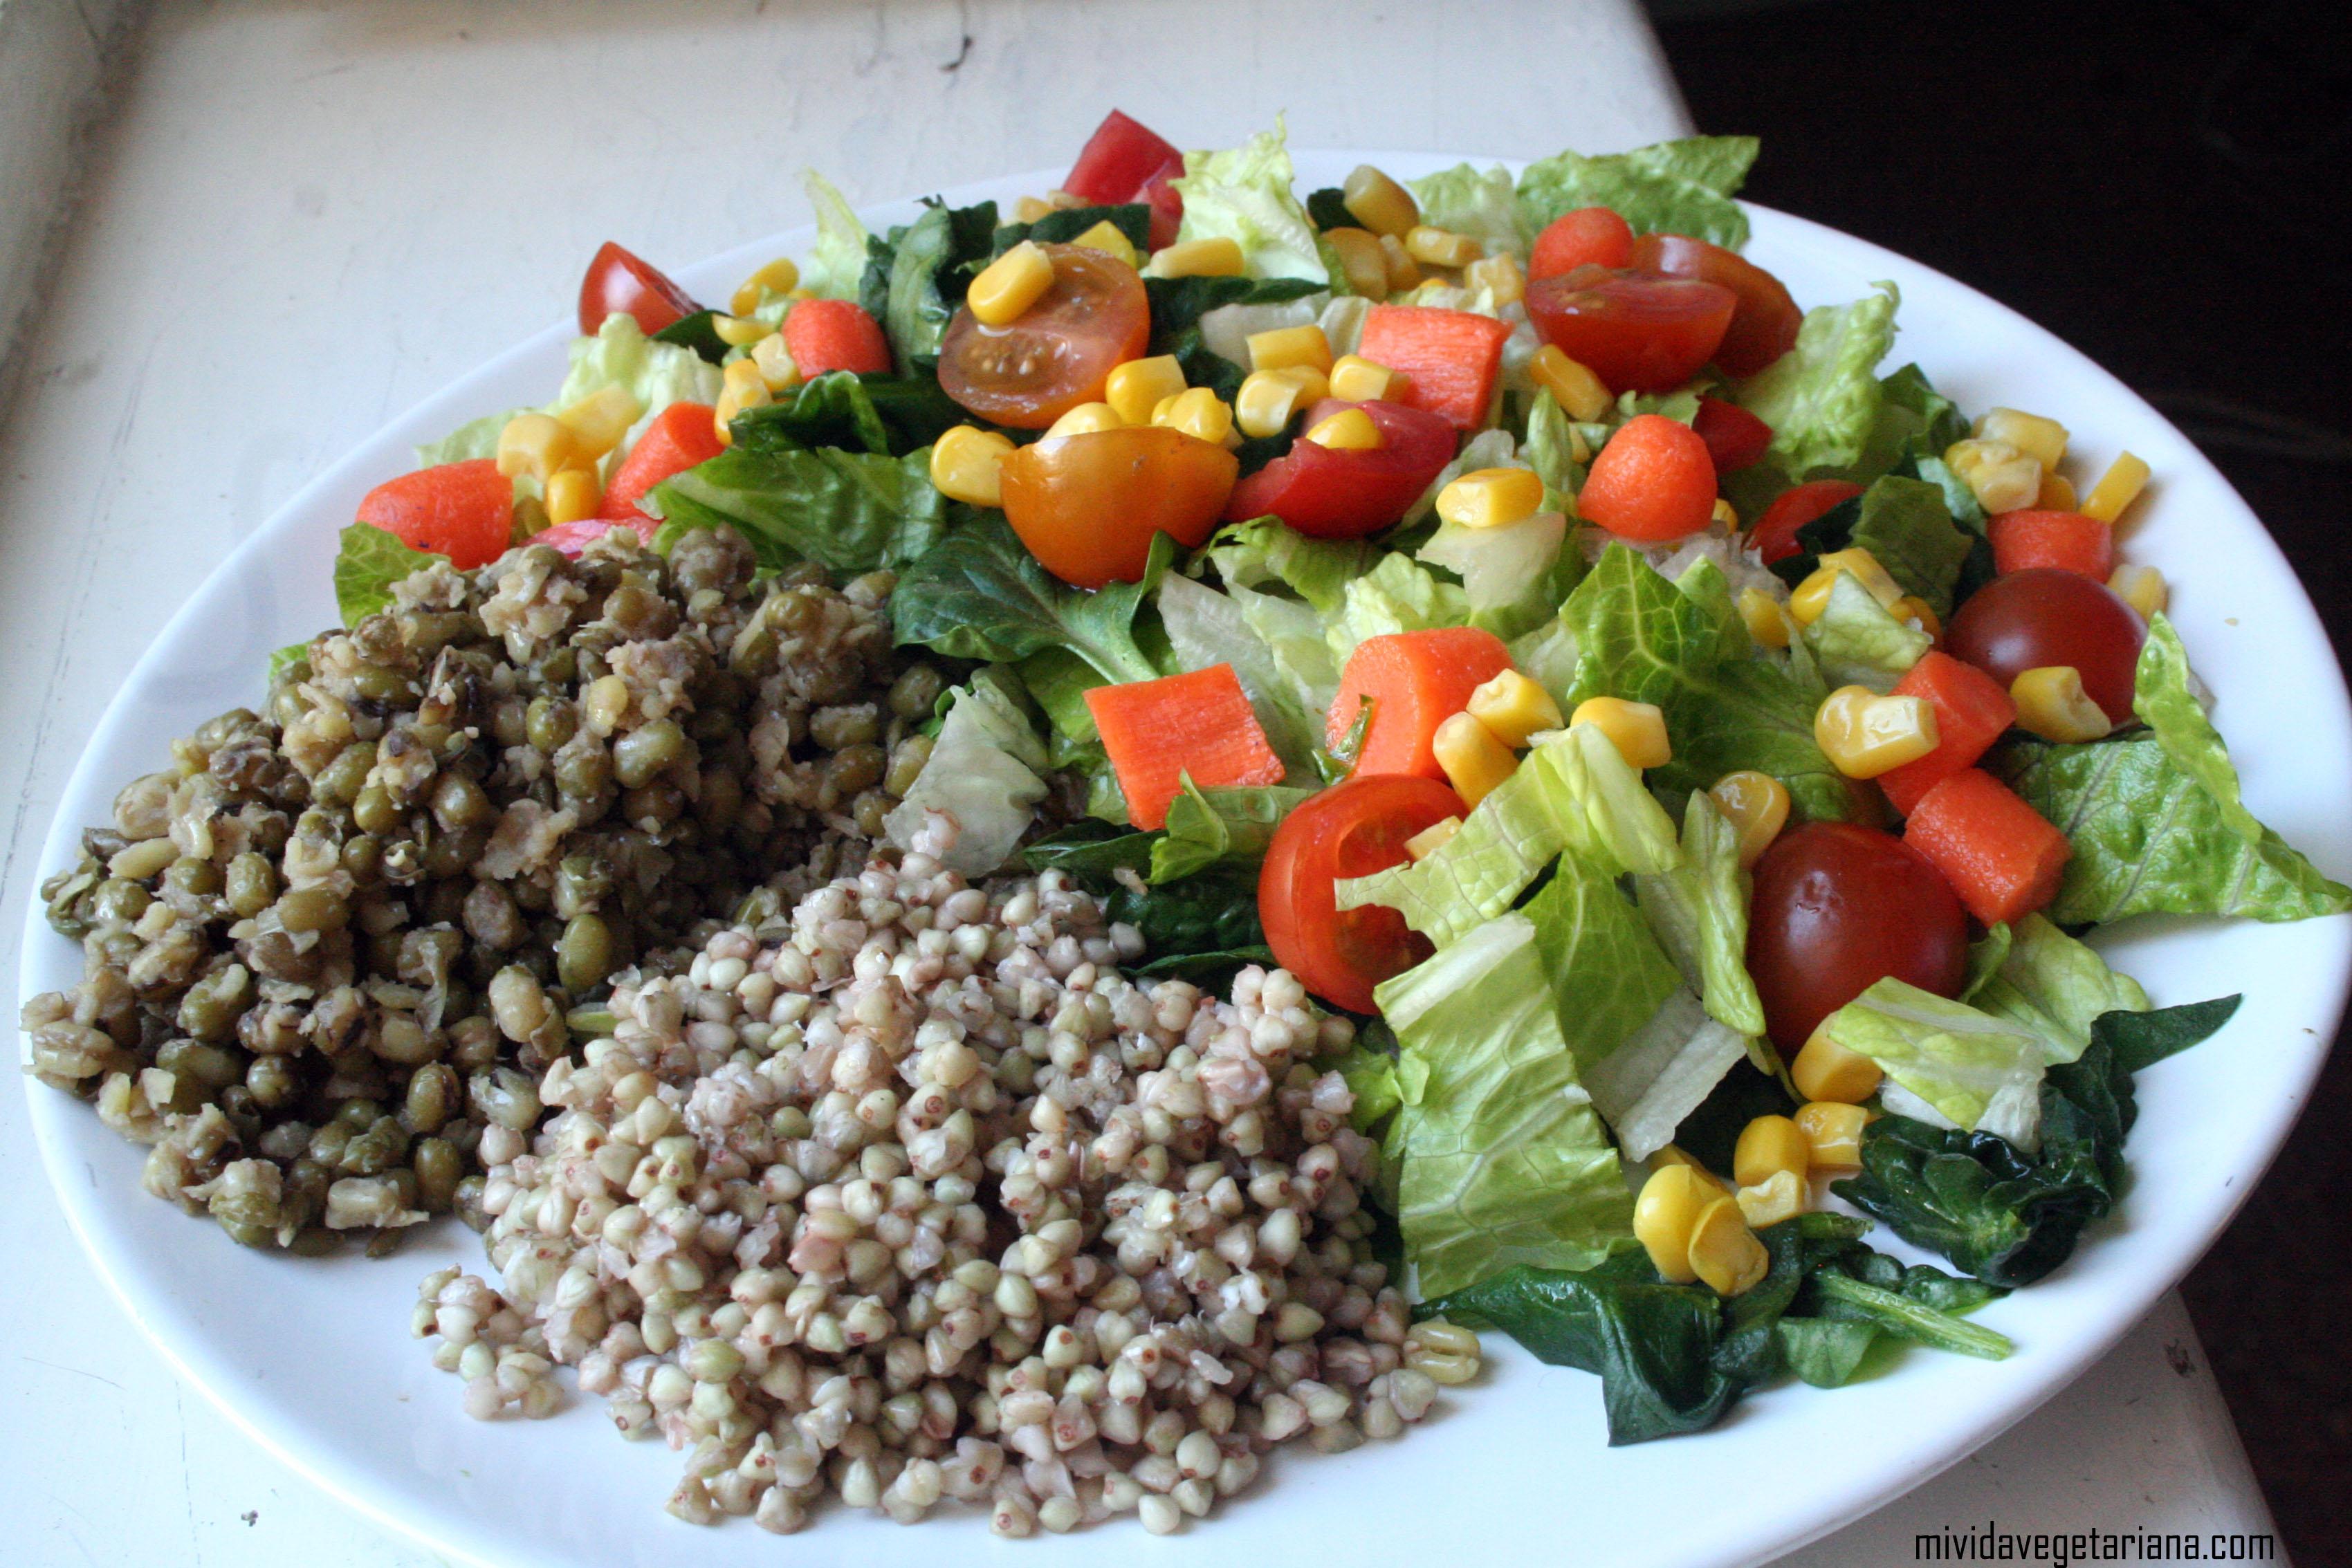 Ensalada de jud as mungo y trigo sarraceno platos - Tiempo de coccion de judias verdes ...